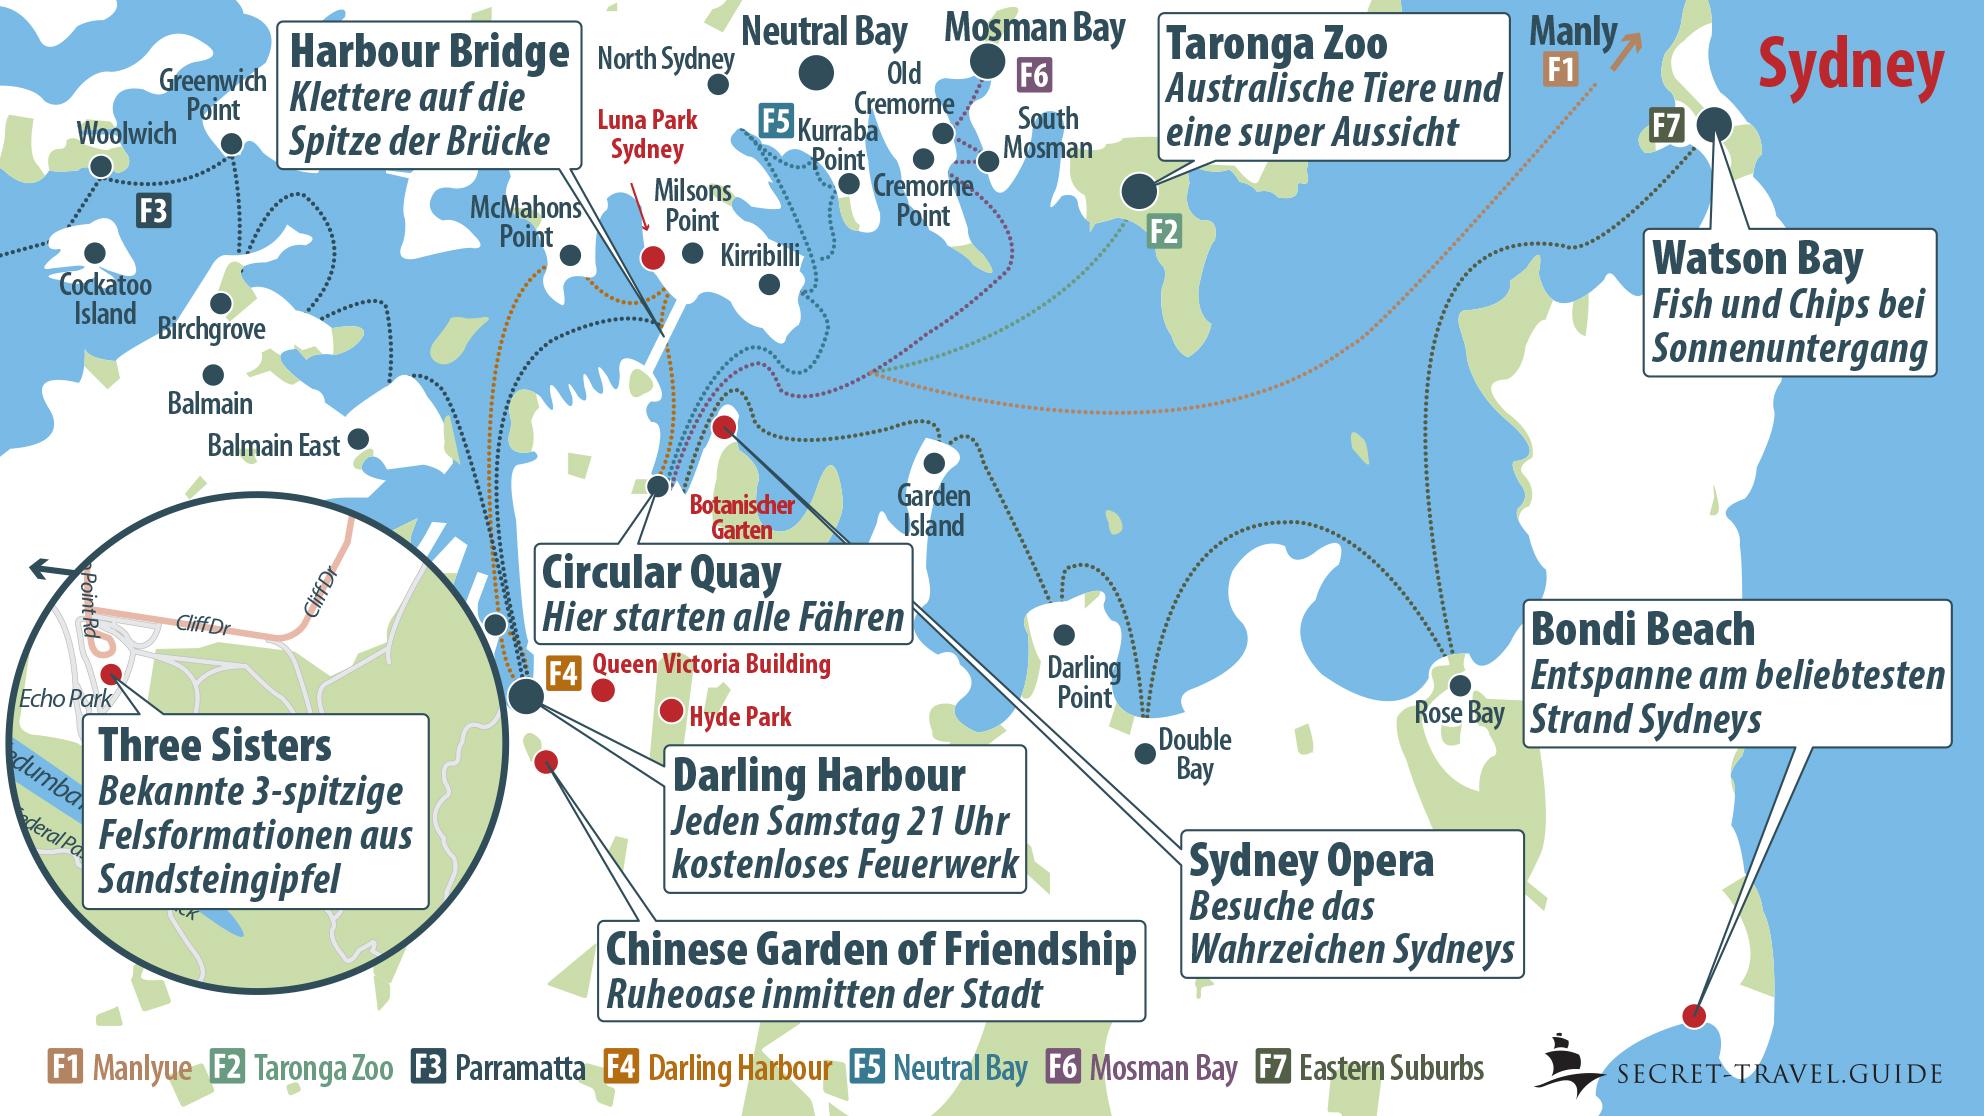 Sydney Karte mit Fähren